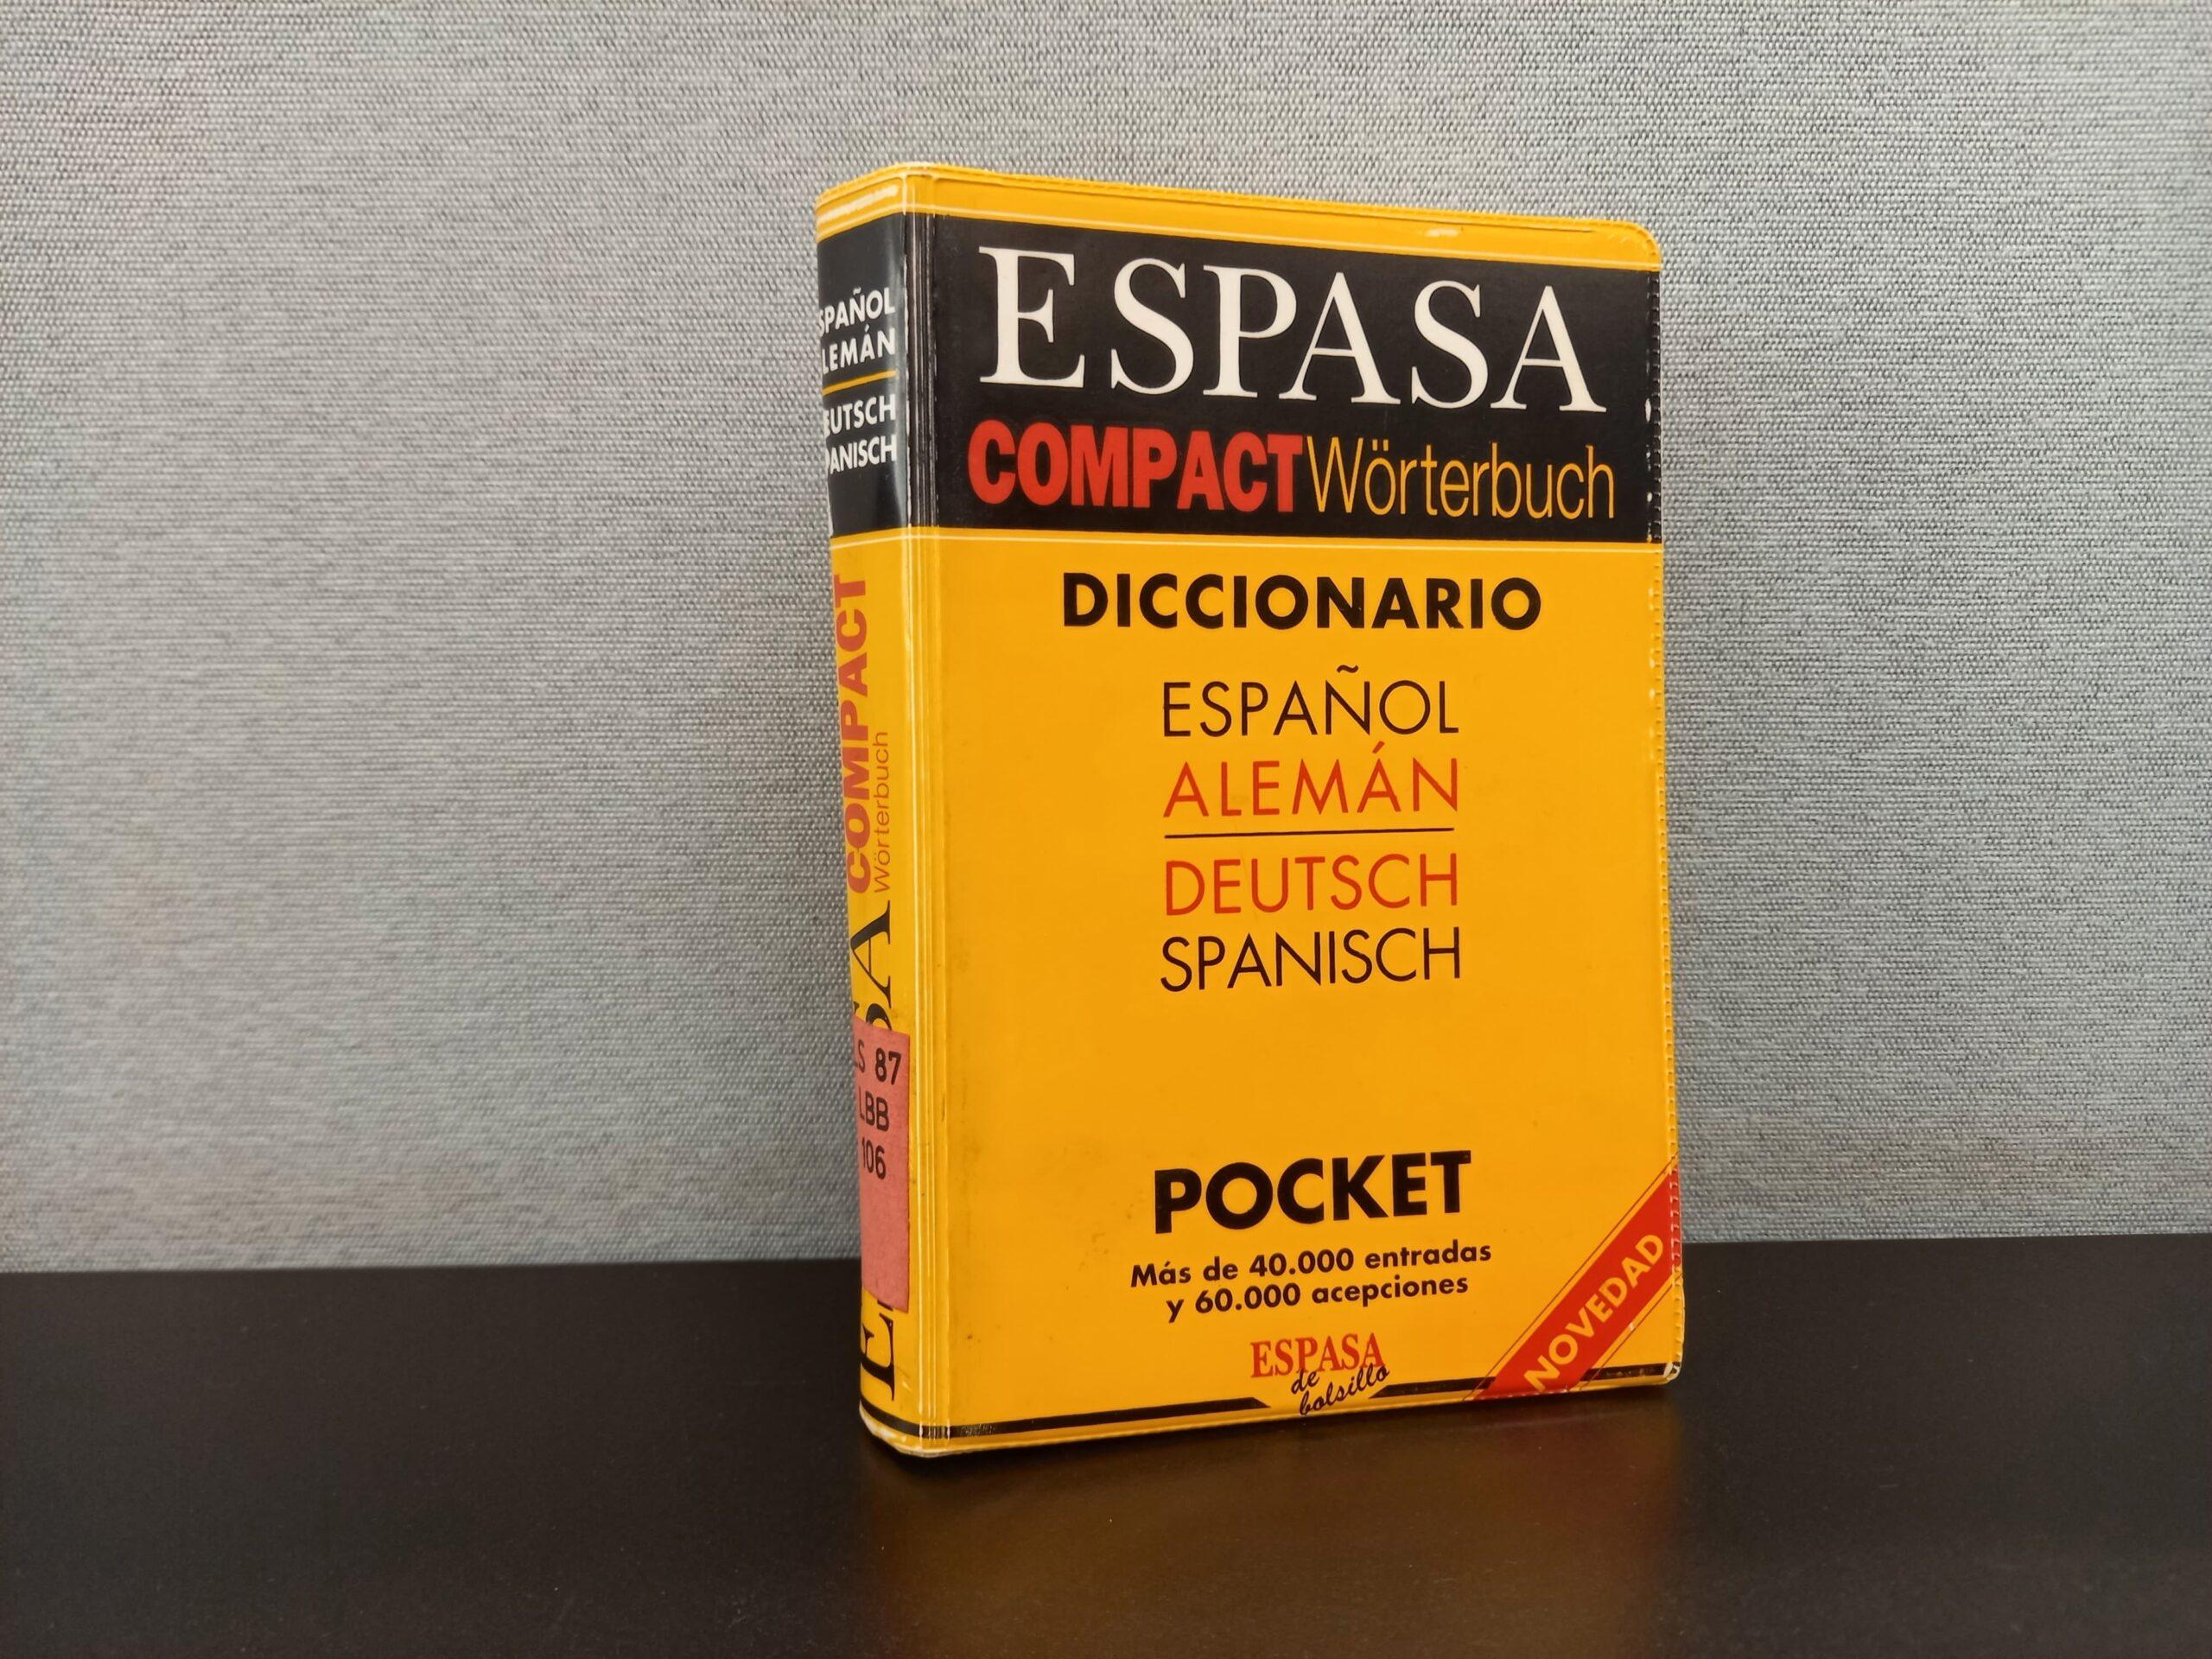 Spanisch/Deustch Wörterbuch